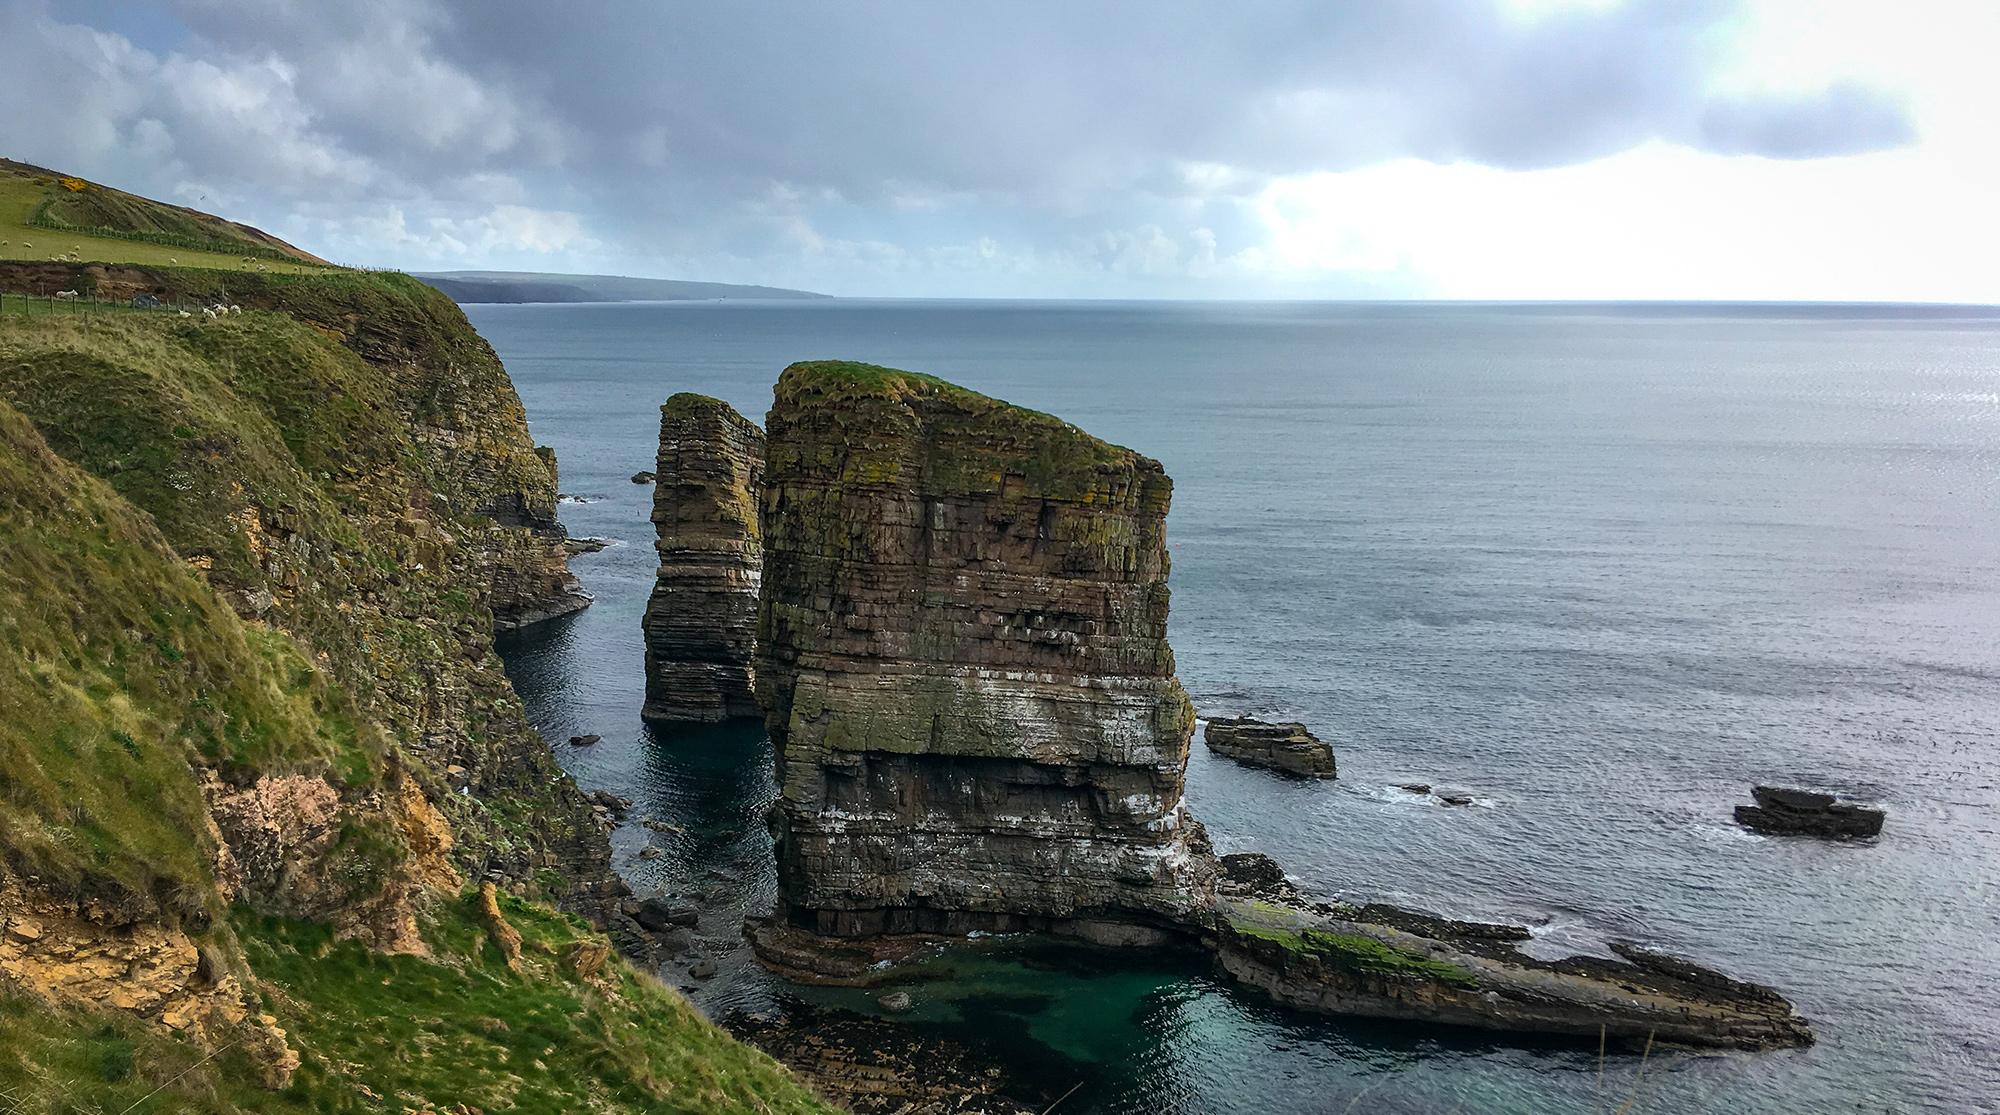 Felsen vor Klippe mit Möwen und Guillemot Kolonien